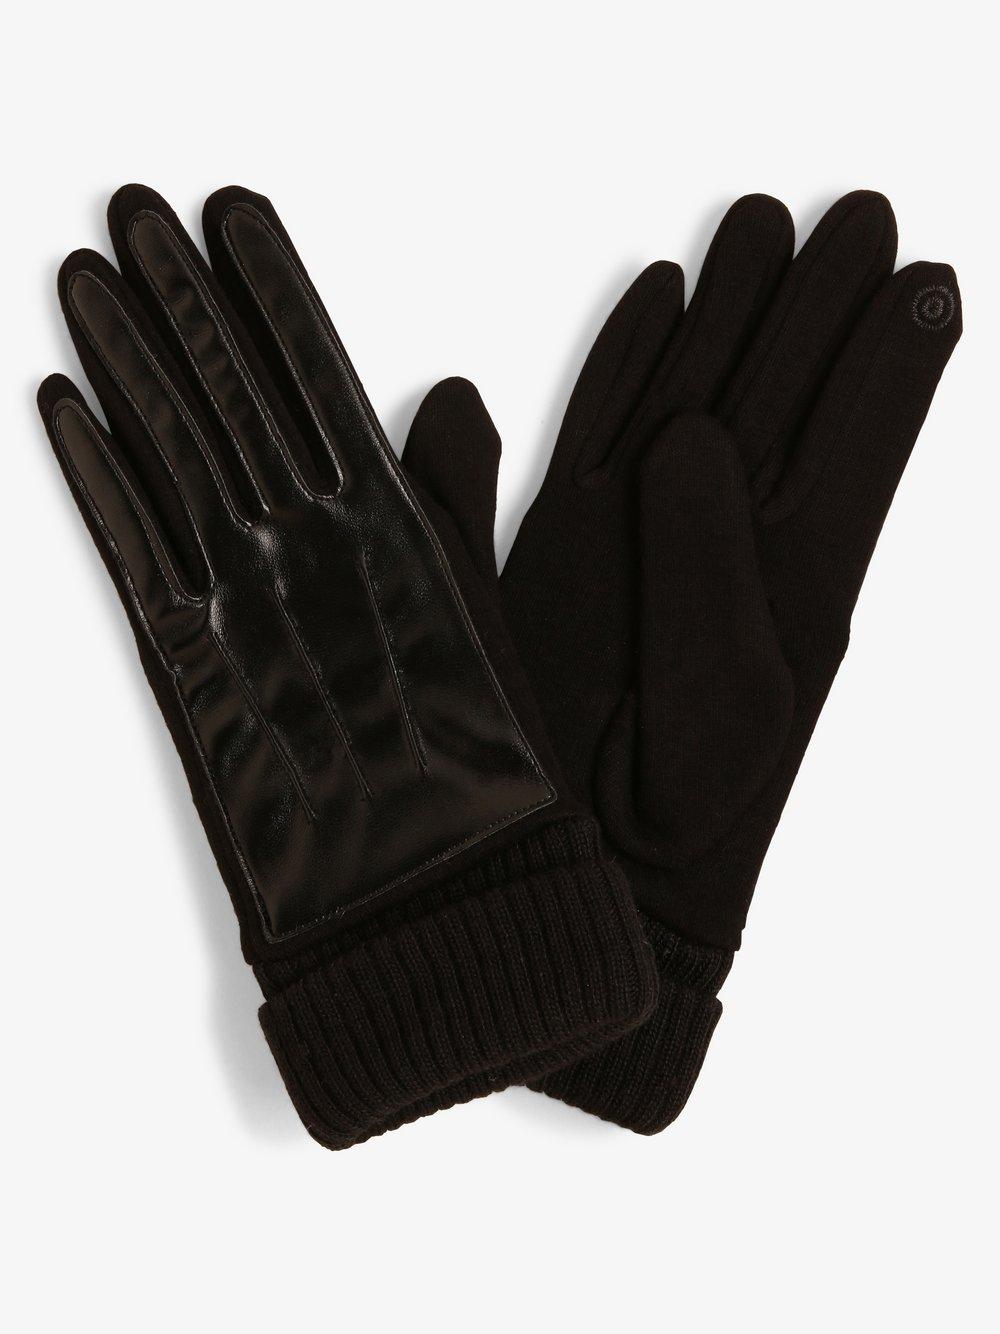 Melkonian – Rękawiczki damskie, czarny Van Graaf 449643-0001-09940